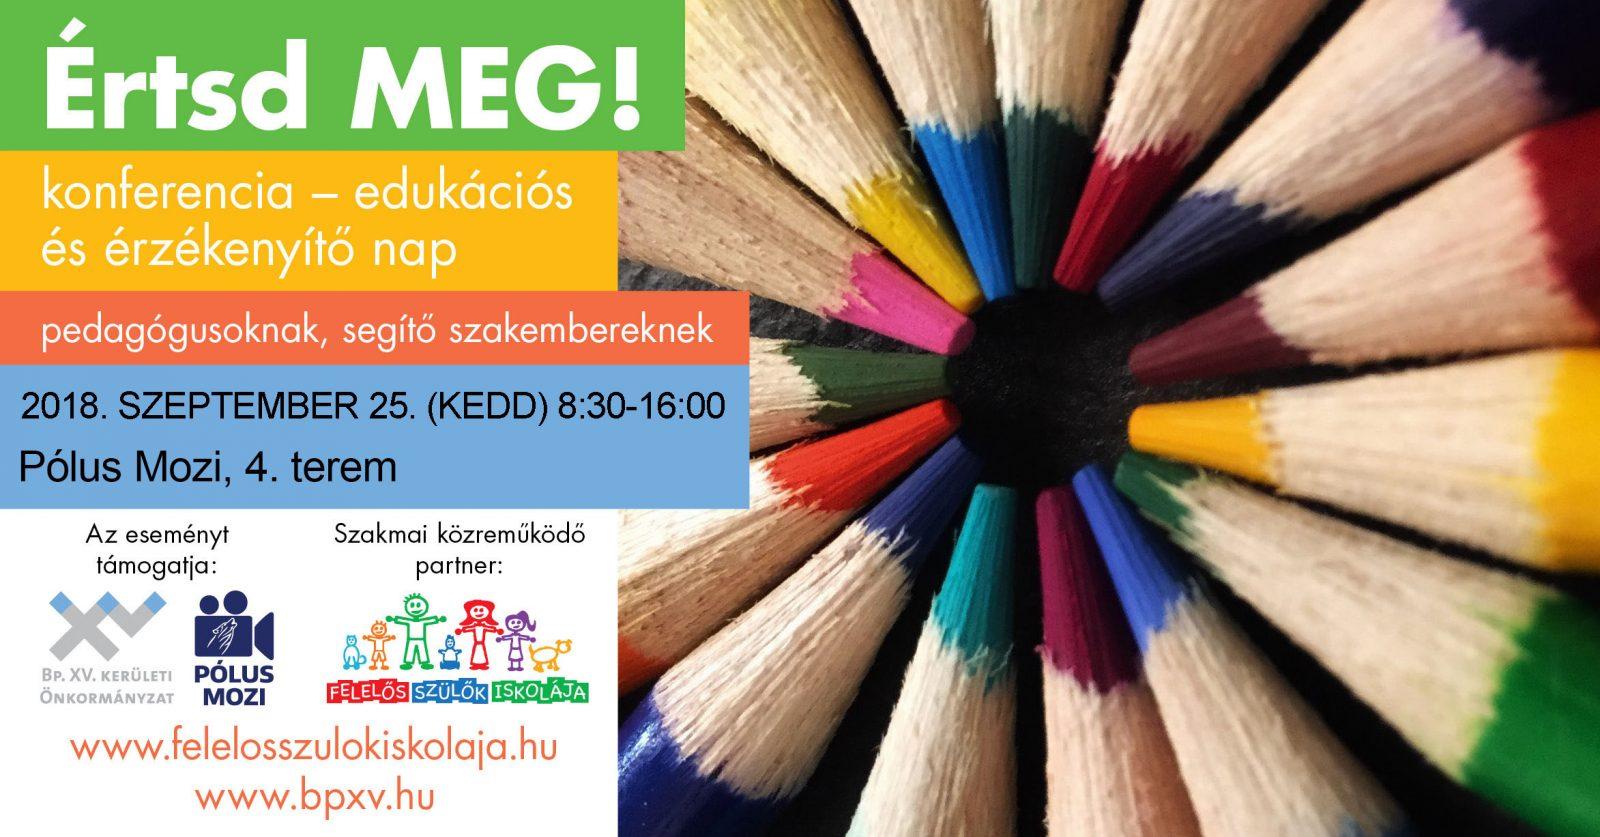 edukációs és érzékenyítő nap plakát